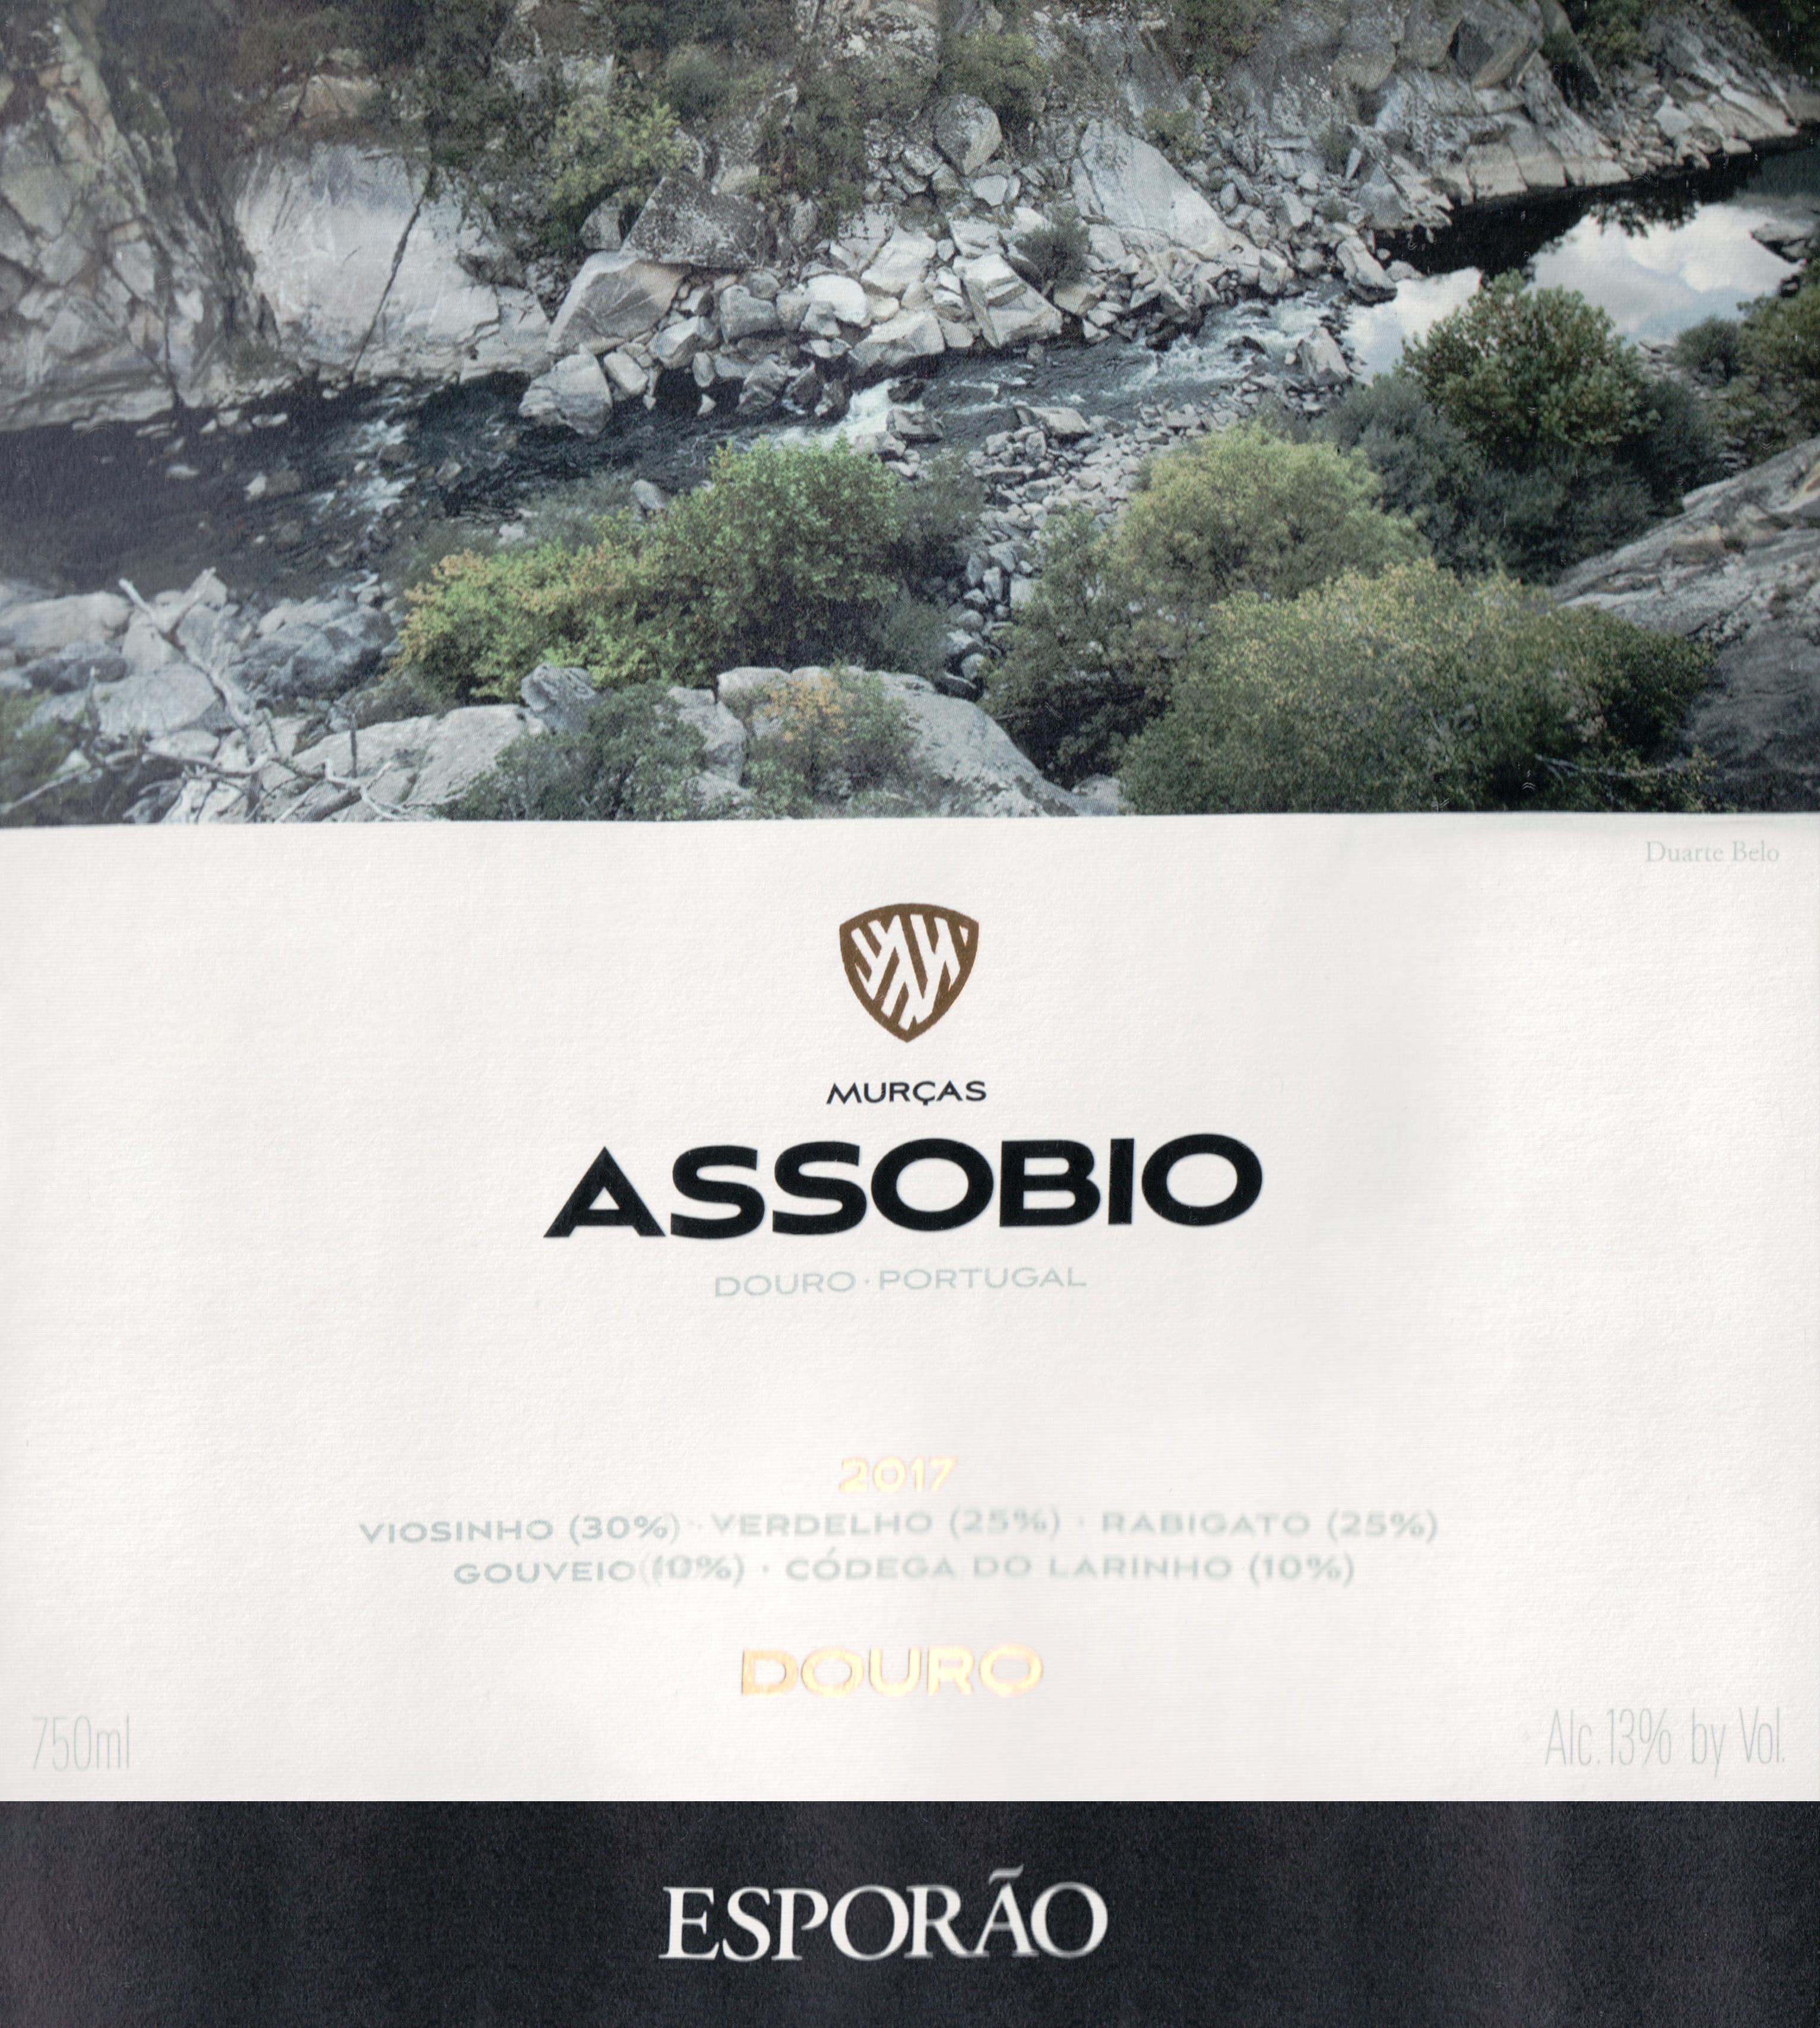 Esporao Assobio White 2017